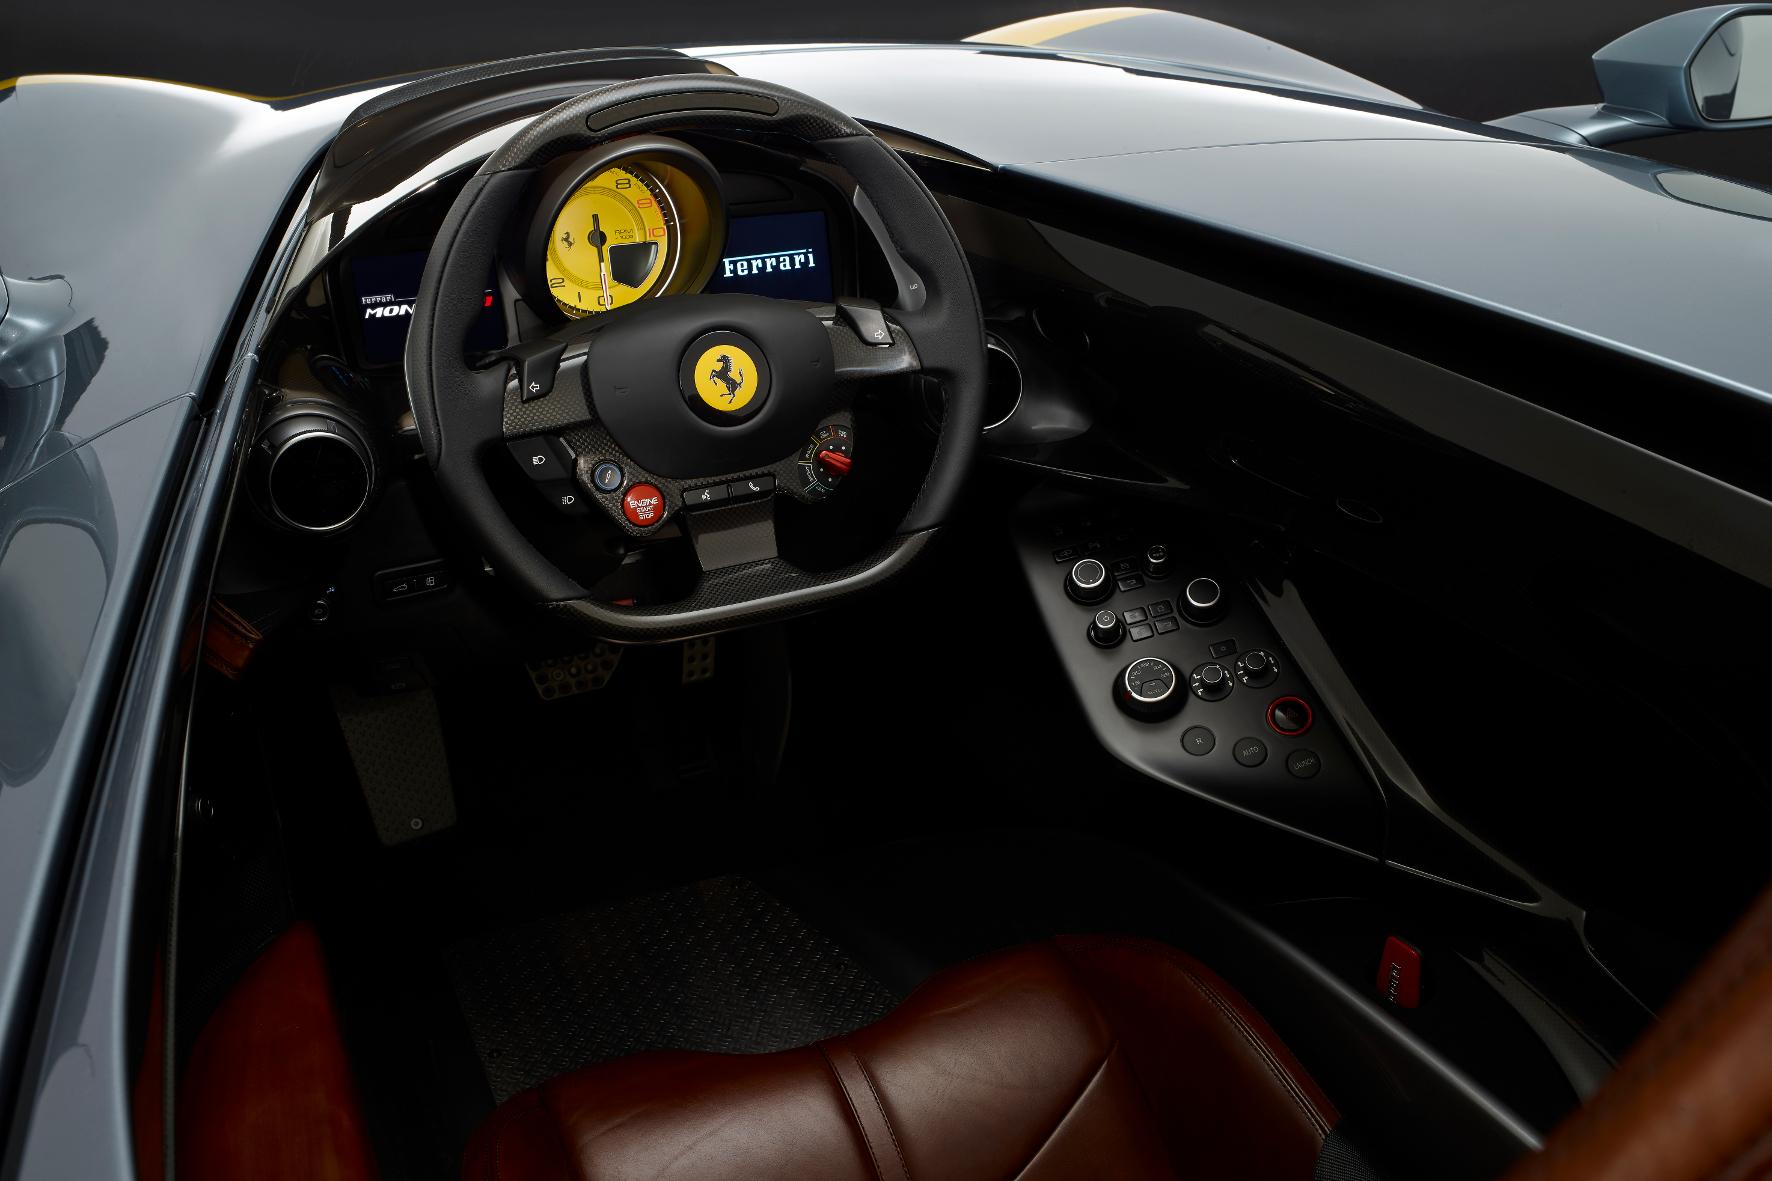 Reduziertes Cockpit mit Drehzahlmesser im Zentrum.